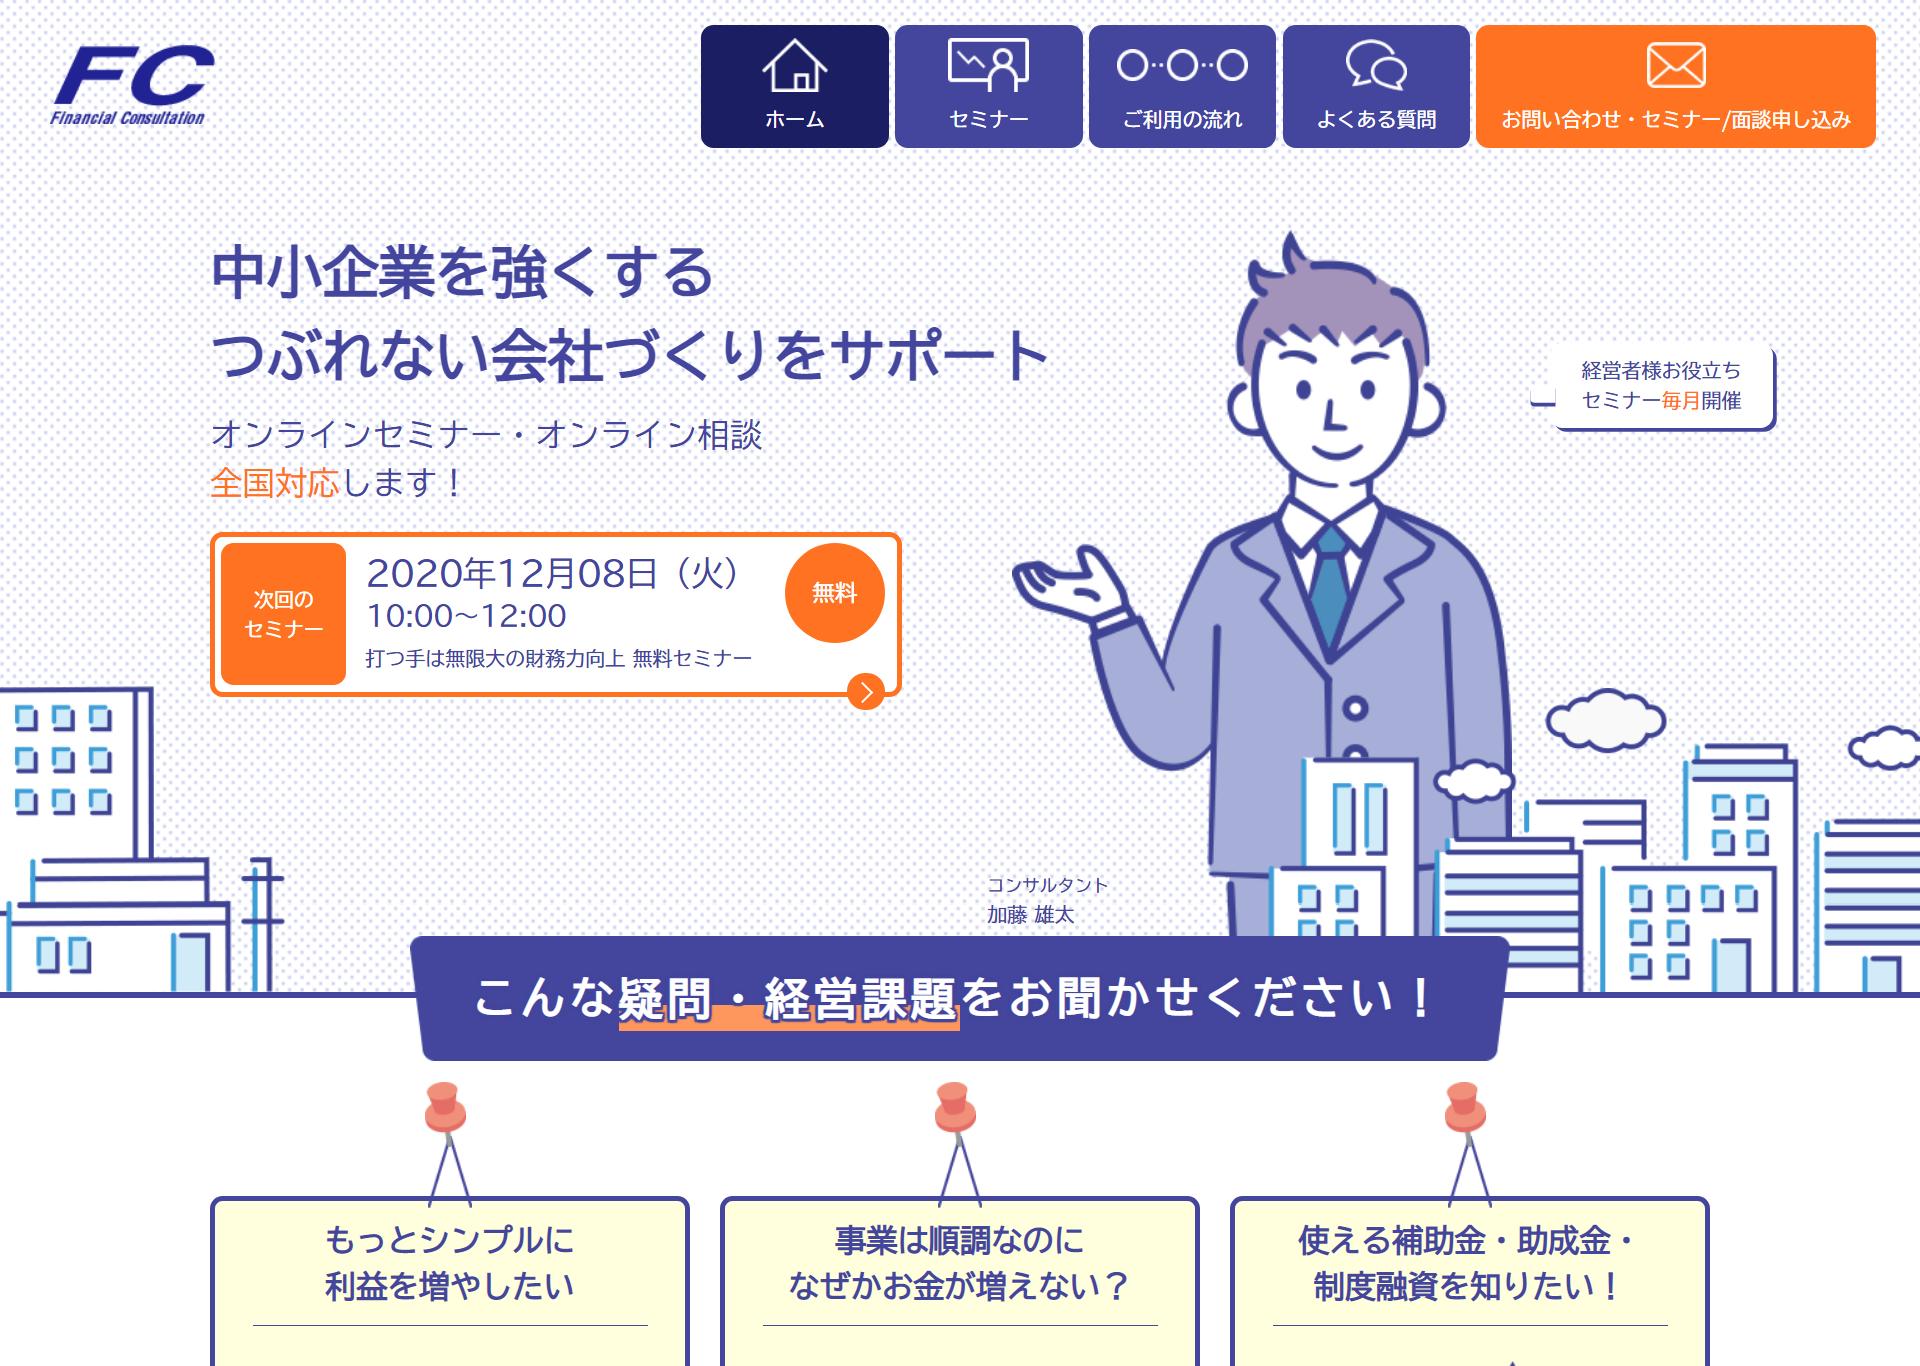 FC様 中小企業財務コンサルタント